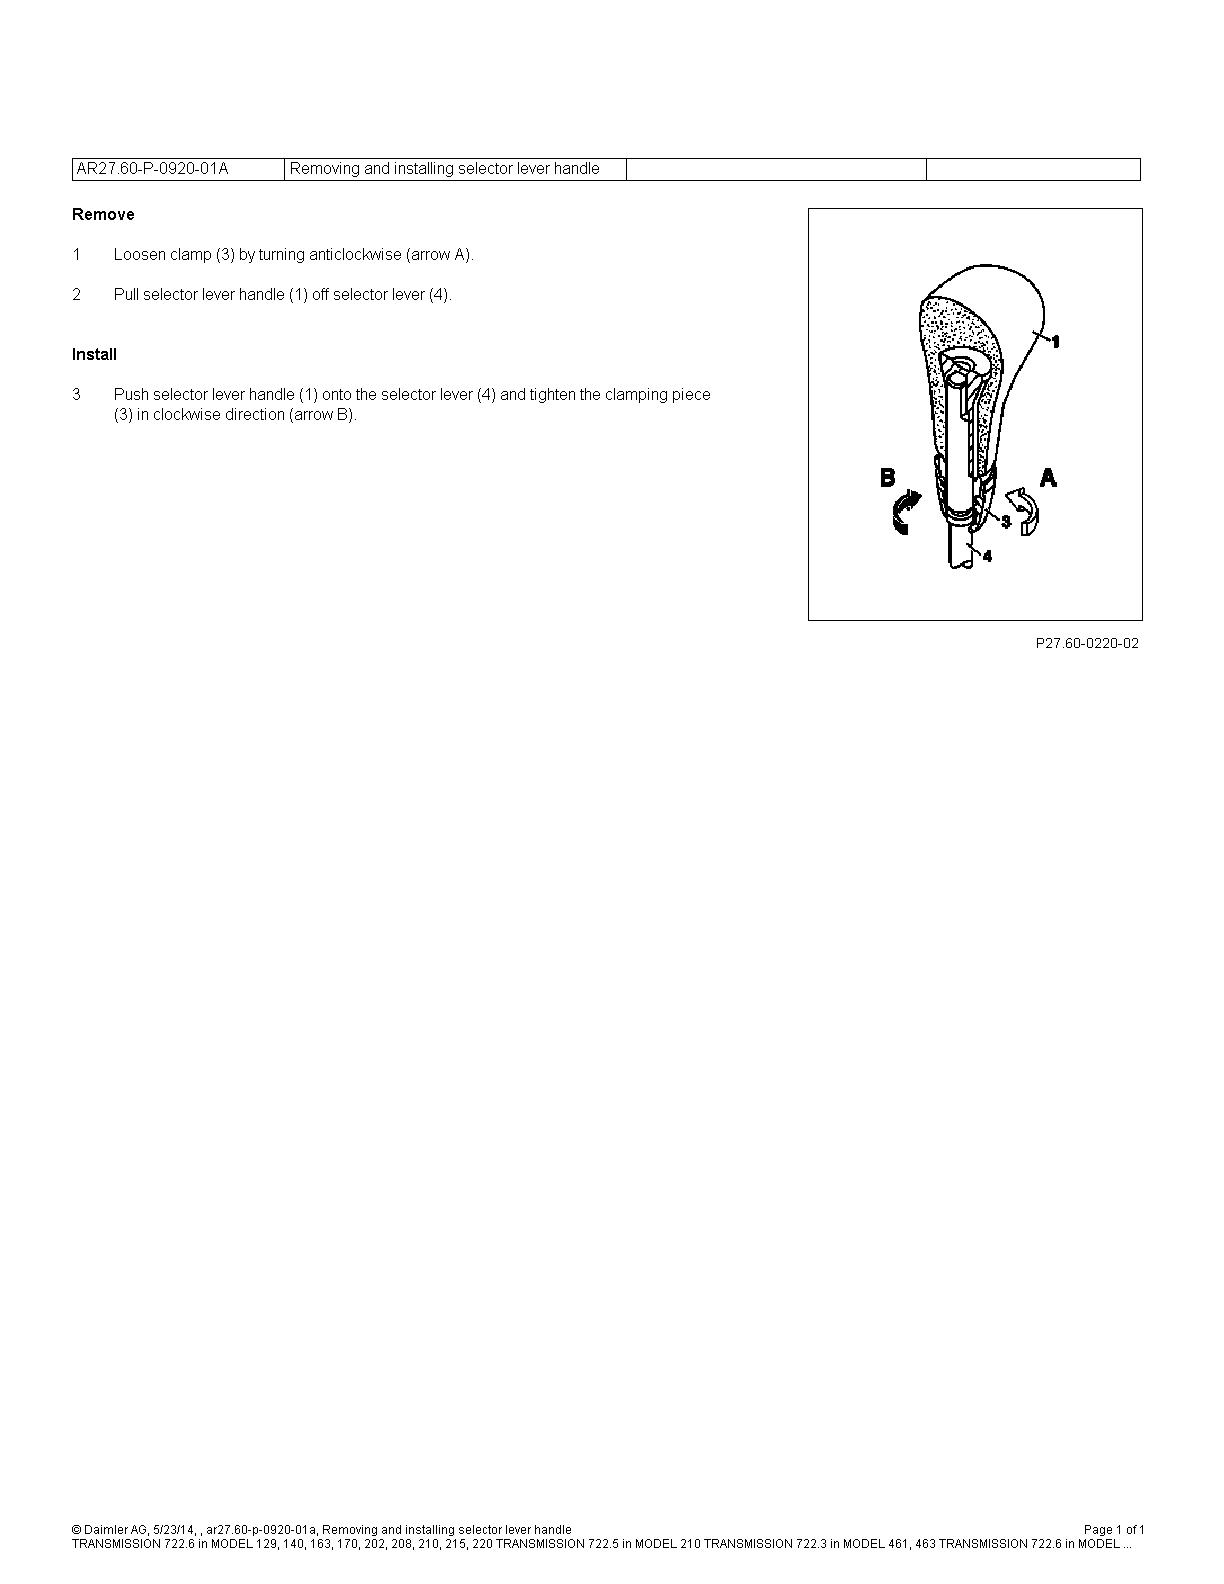 How Do I Remove The A C Controller On 2003 Cl55 2001 Mercedes Cl600 Fuse Diagram 2a6f9b00 640a 48b1 842d D10ccad5e229 Mercedes1